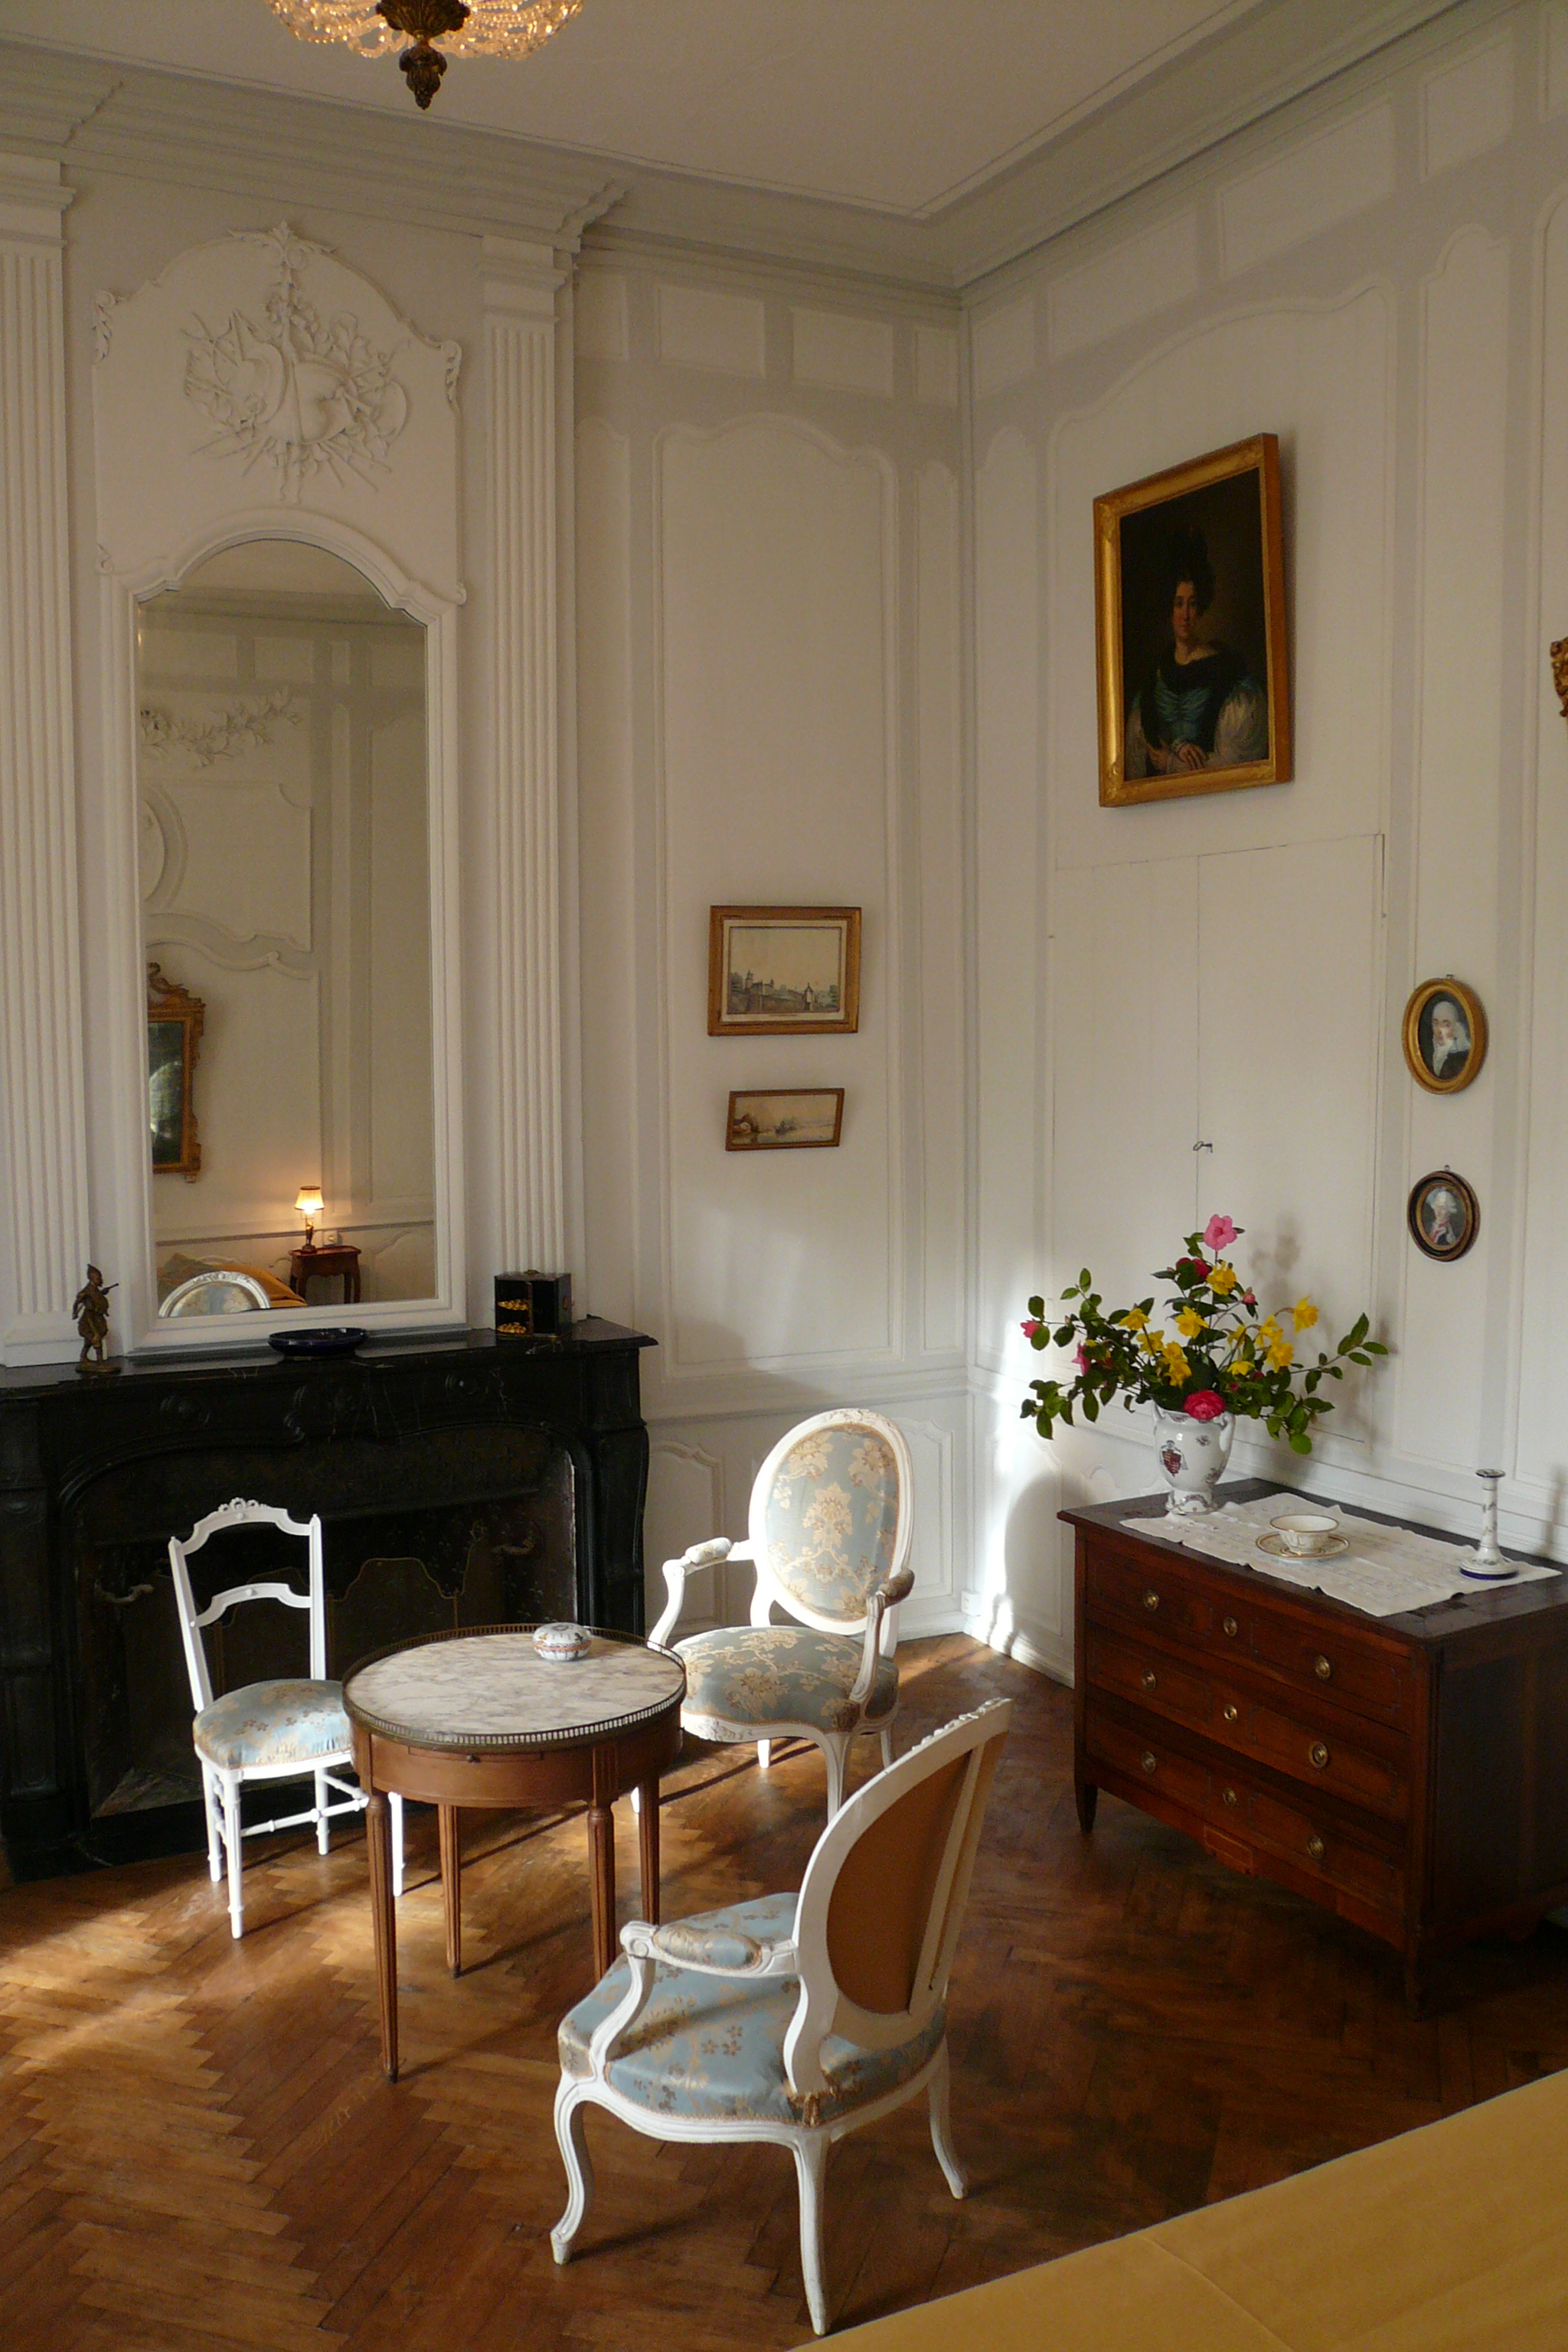 Chambre Tourlandry Chambres Dhtes Chteau De Ternay